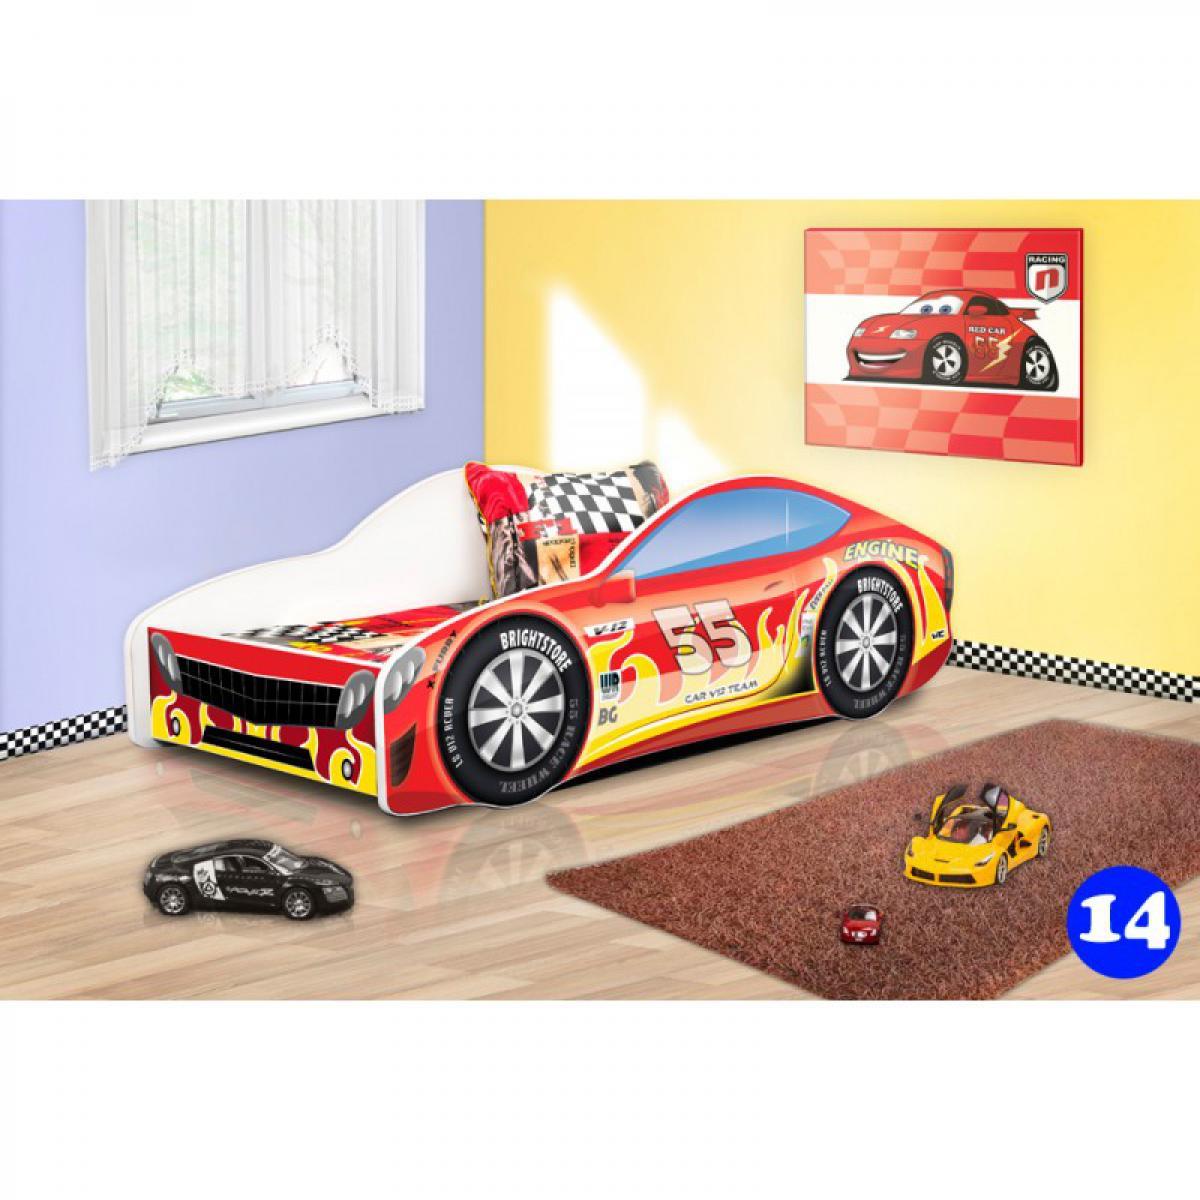 Bim Furniture Lit Voiture Enfant 140x70 cm Rouge et Jaune 55 avec sommier et matelas